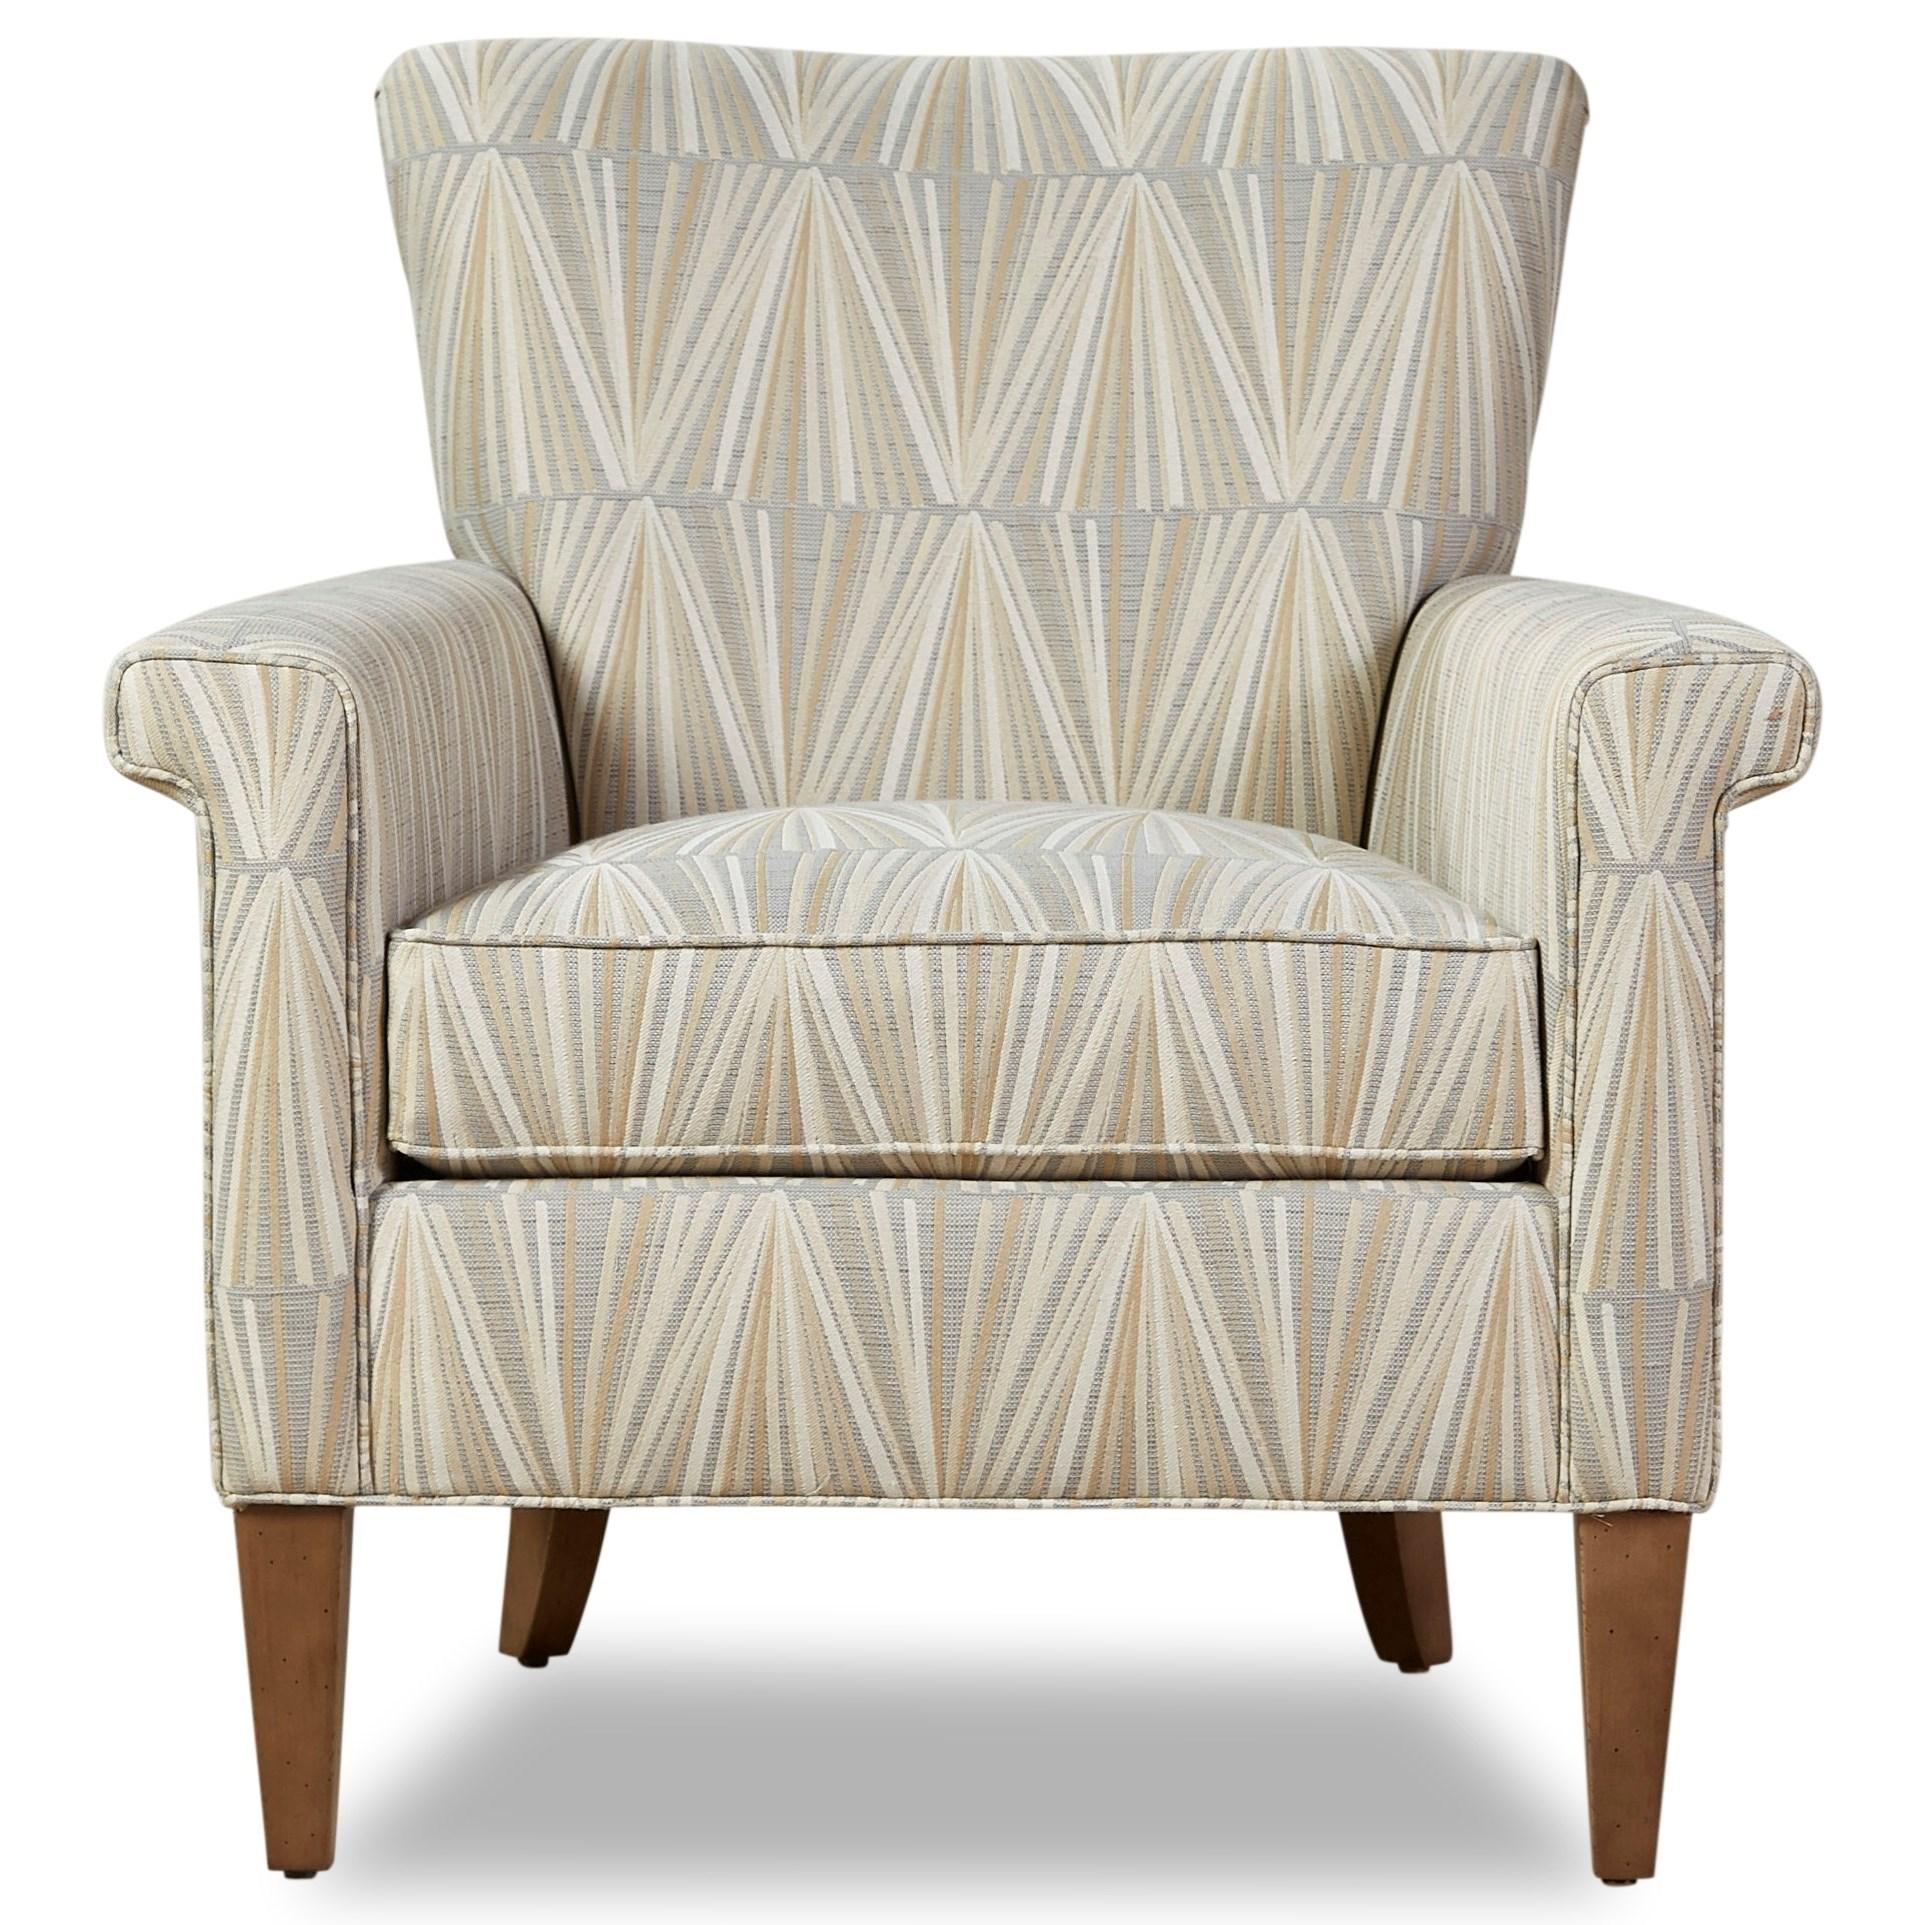 7769 Chair by Geoffrey Alexander at Sprintz Furniture